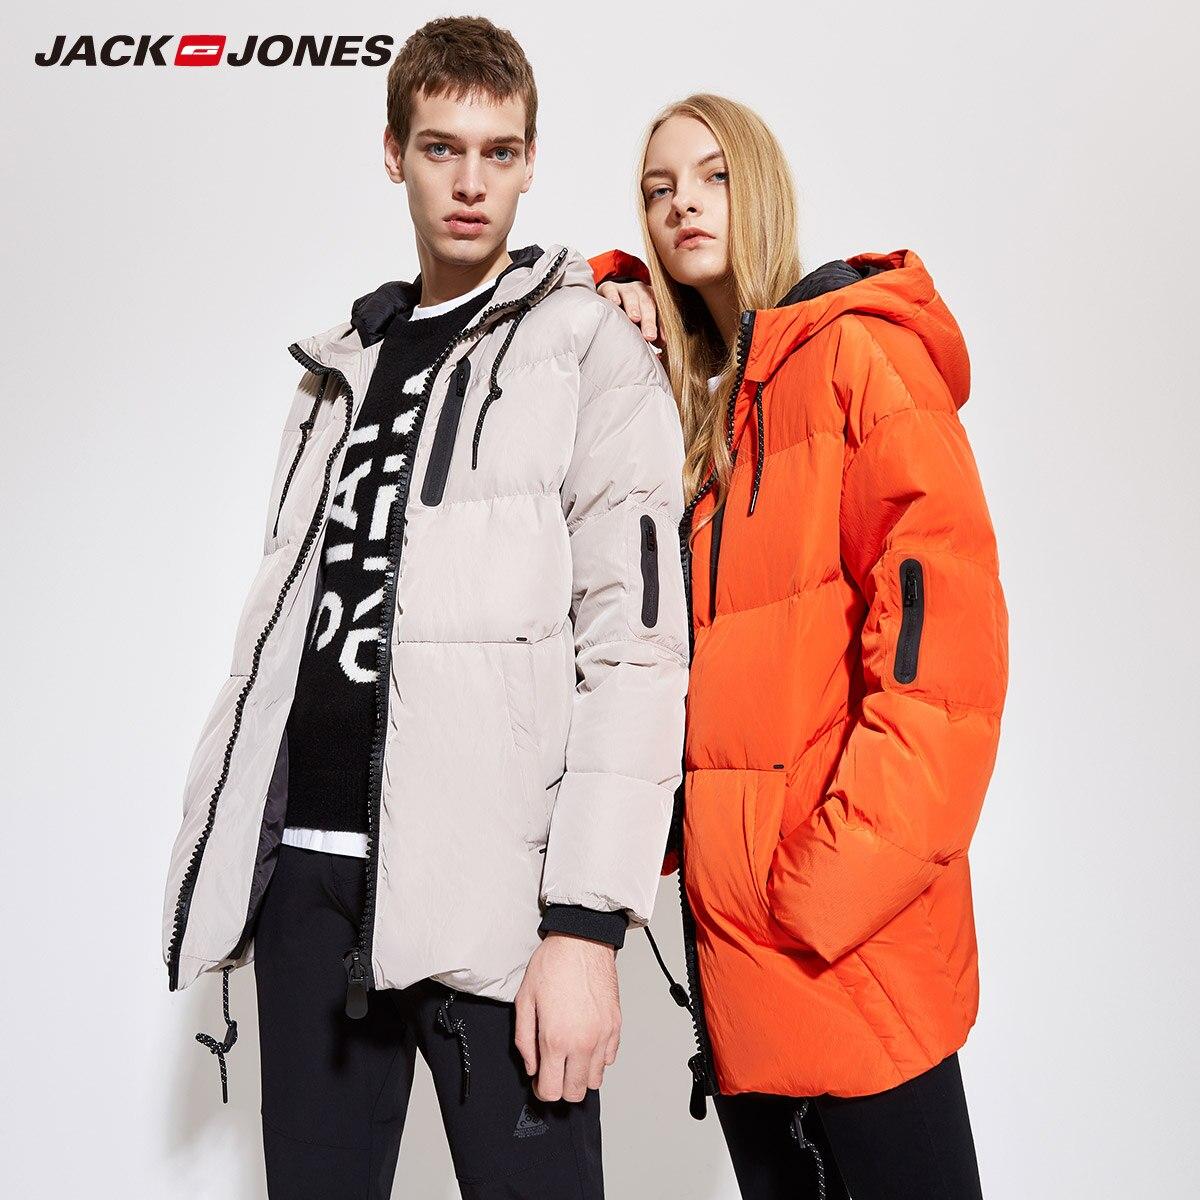 JackJones для мужчин зимние с капюшоном утка на открытом воздухе зимний мужской повседневное модные пуховые куртки пальто 2019 Фирменная Новин | ...